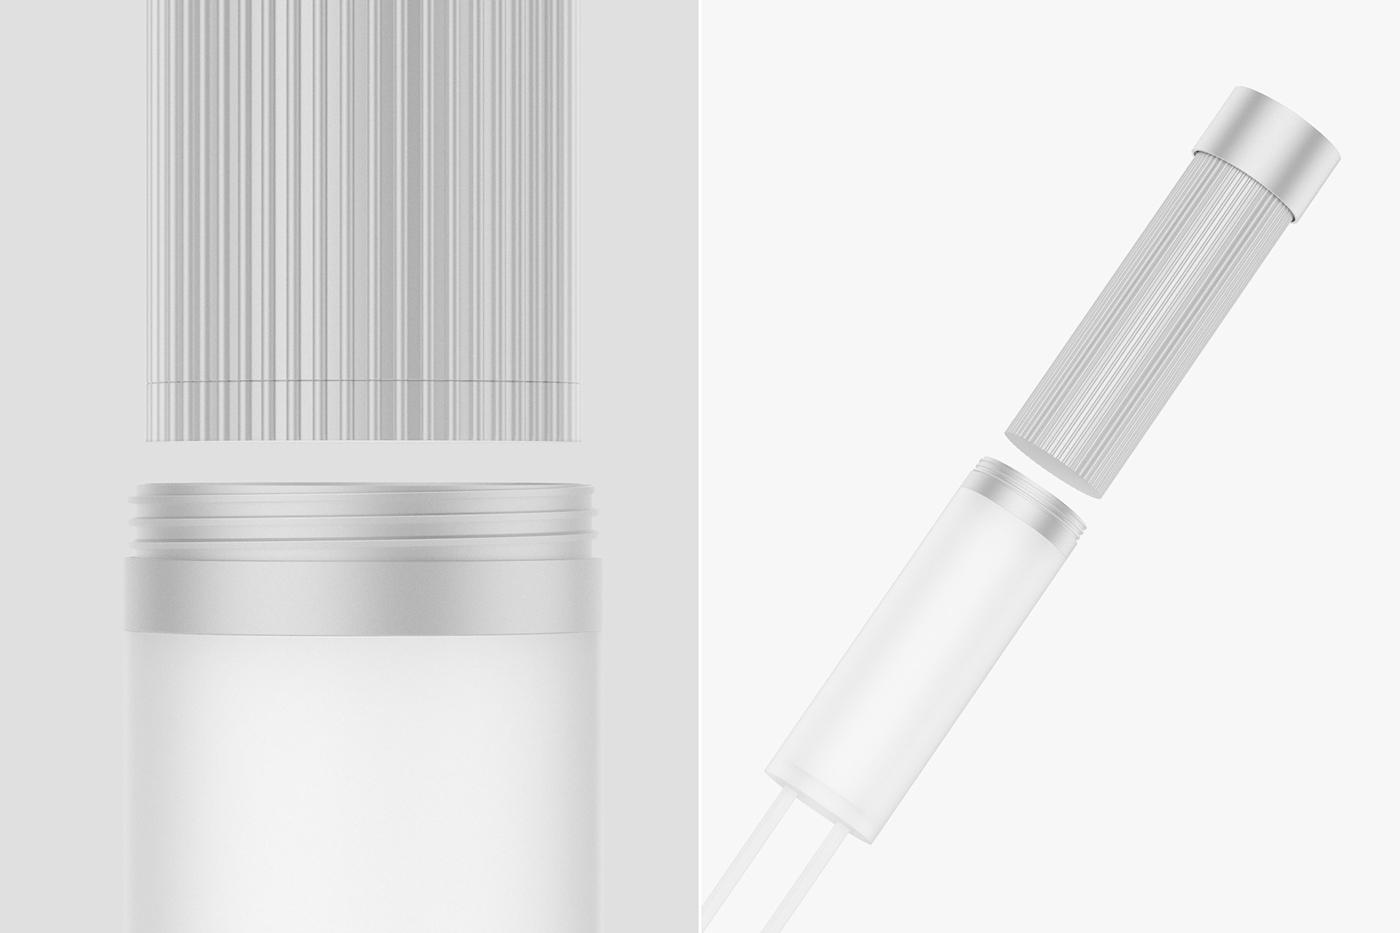 LED铝光手灯无印良品设计